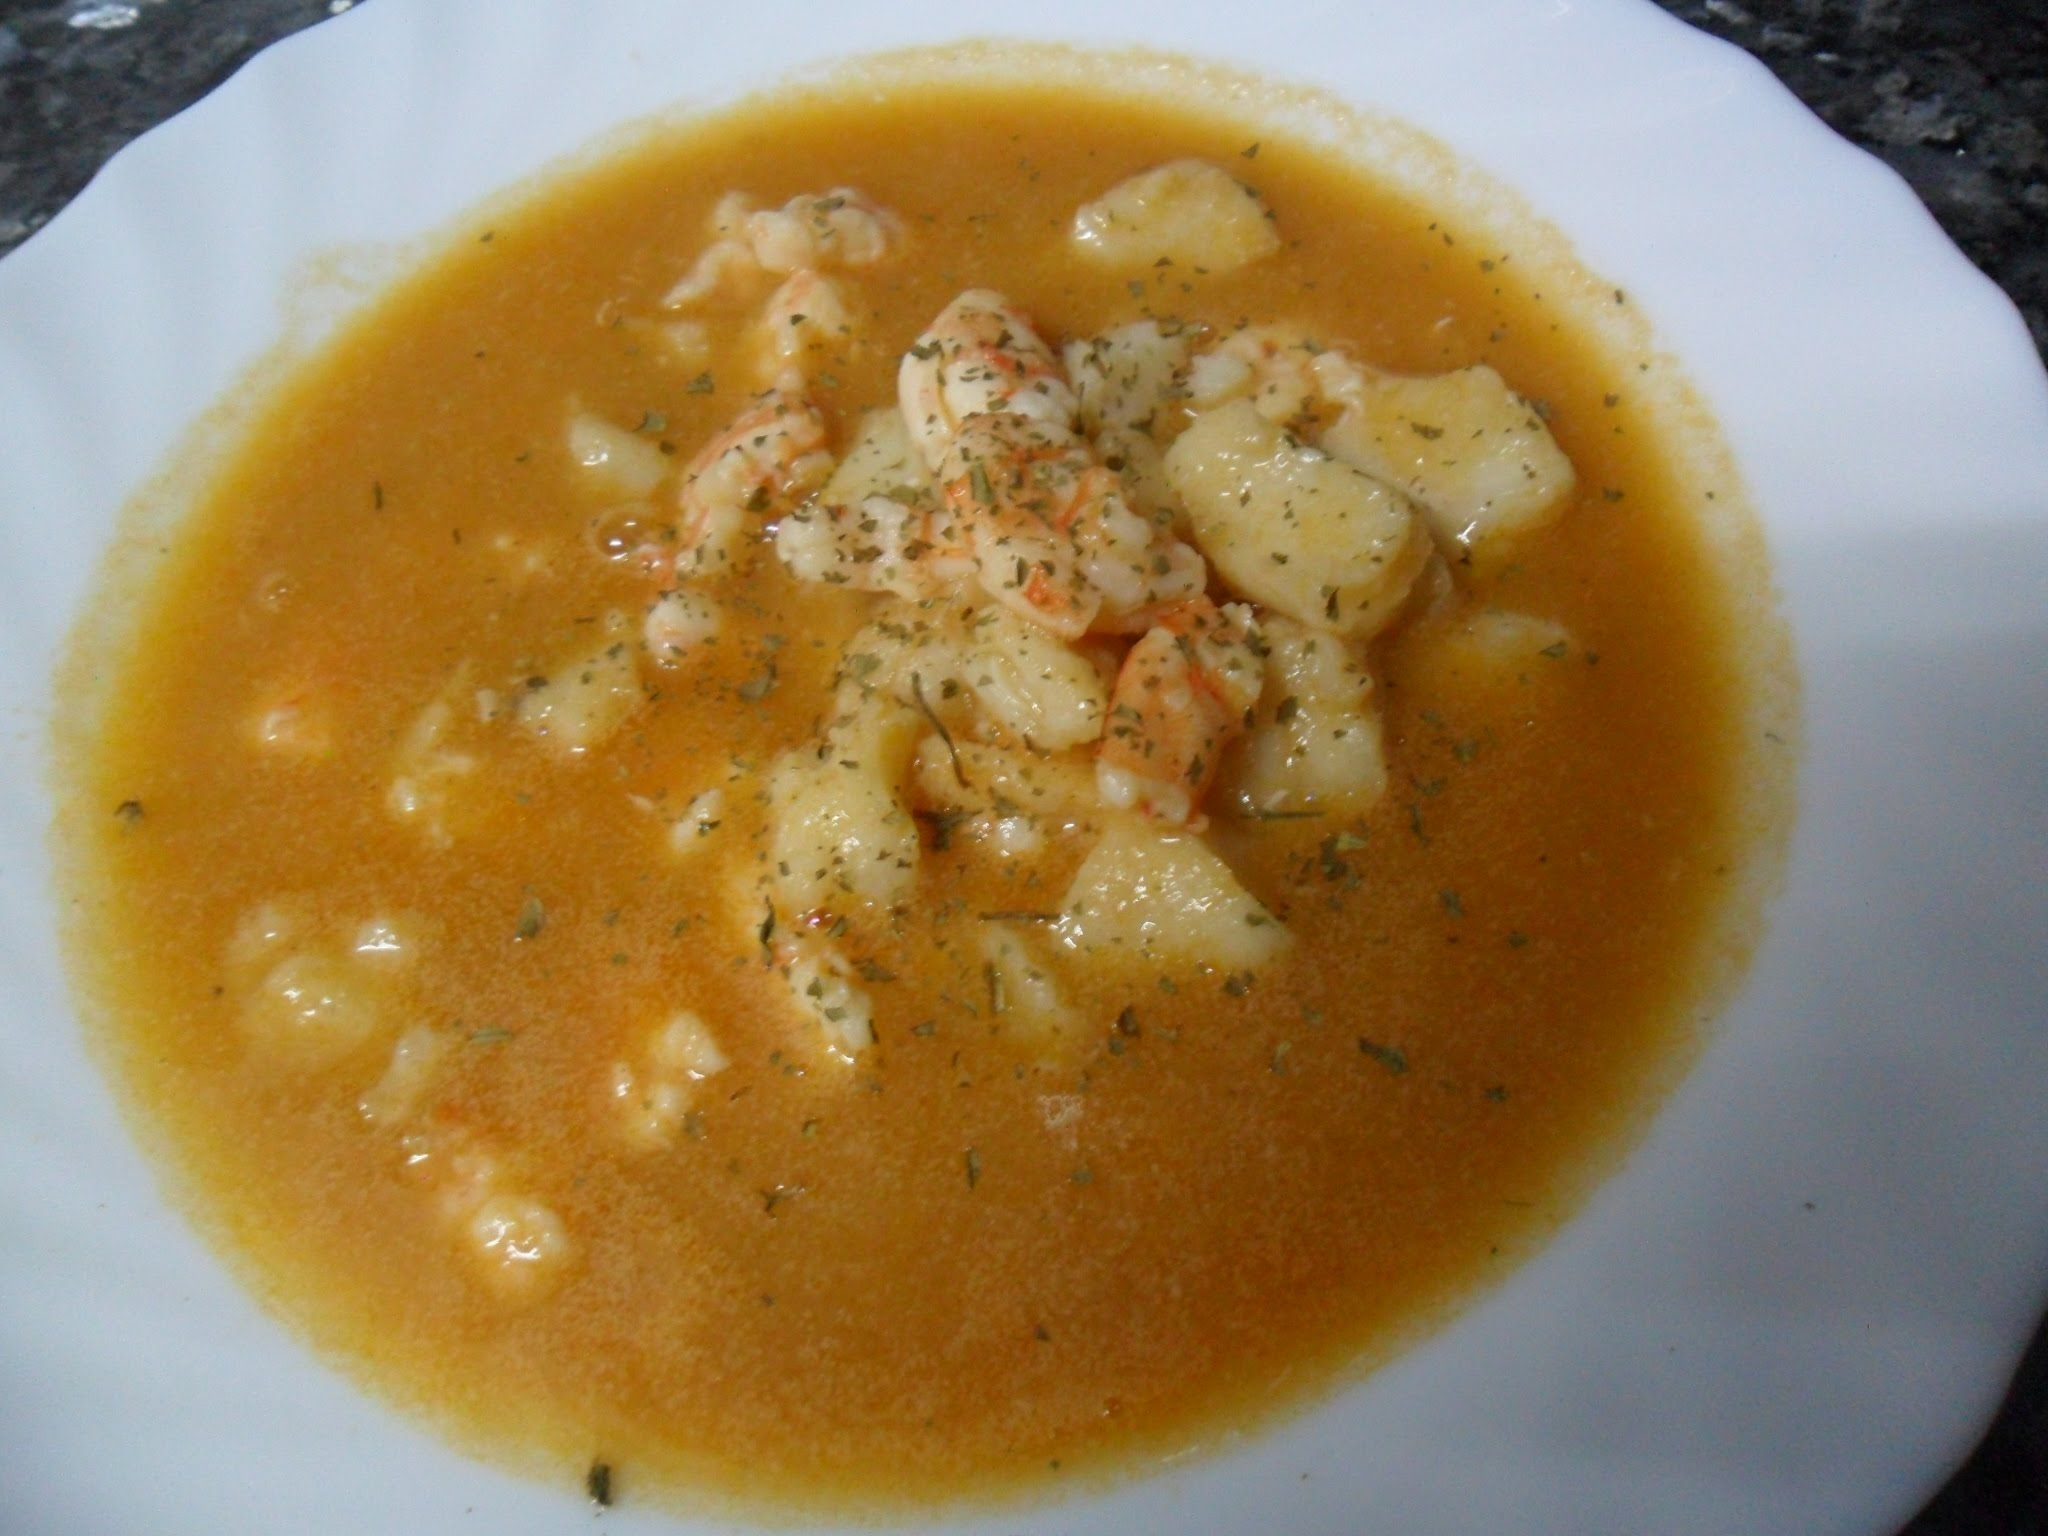 Preparar una sopa de pescado f cil r pida y econ mica - Videos de cocina facil ...